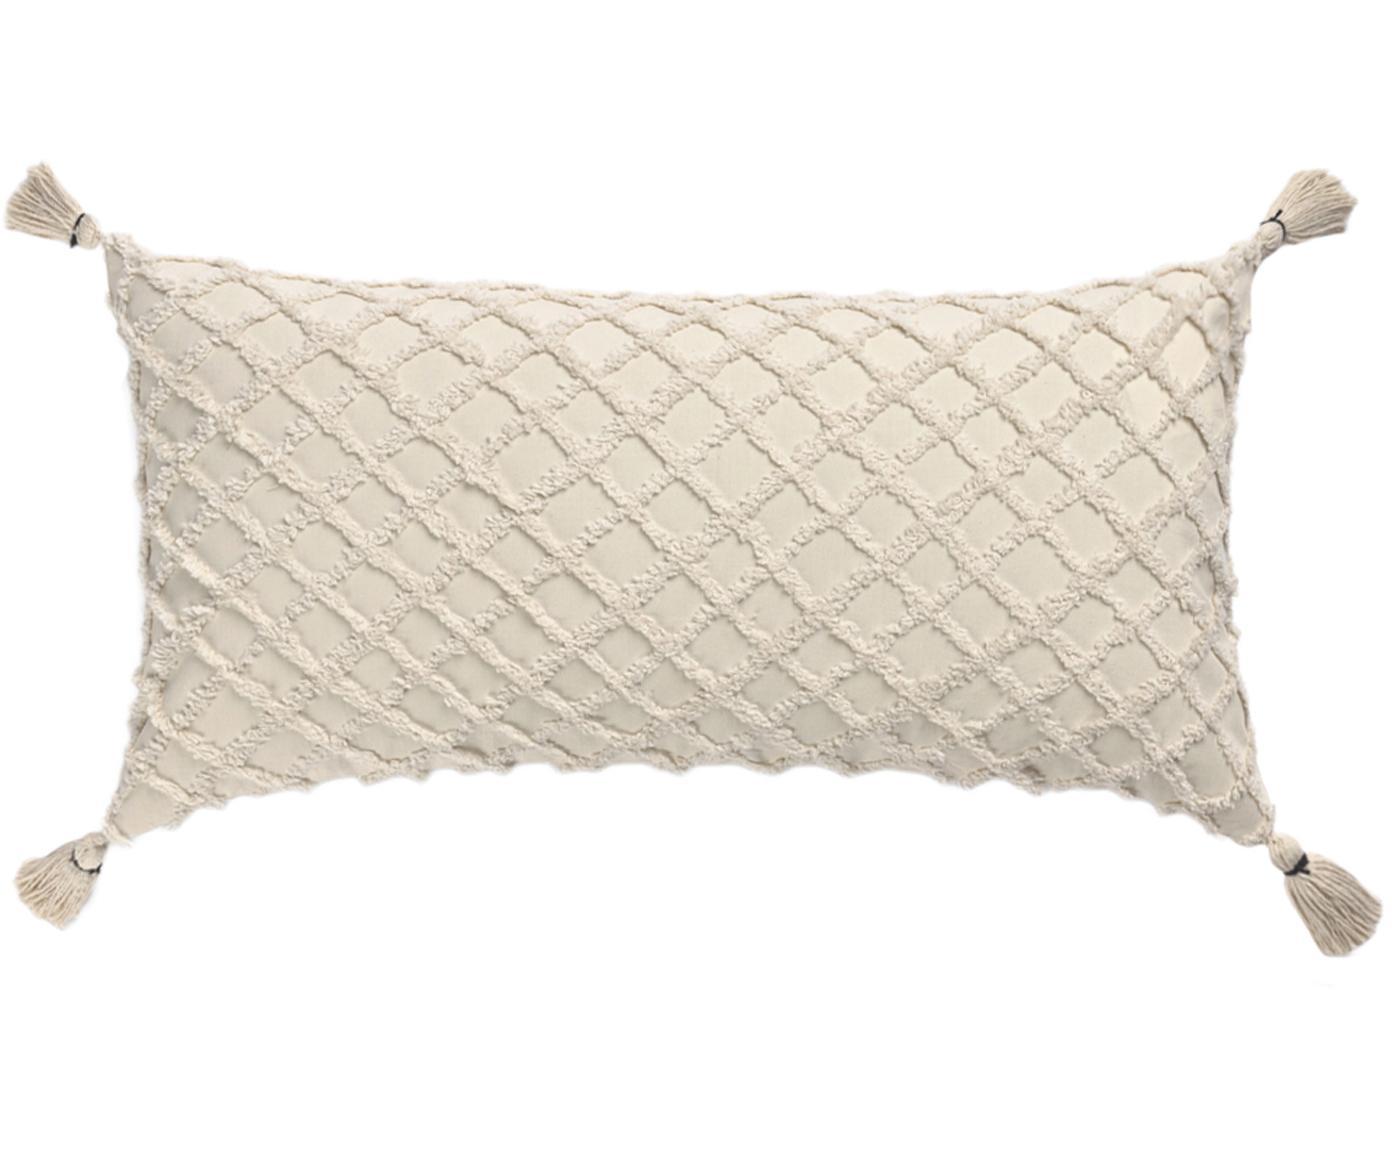 Poszewka na poduszkę z wypukłym wzorem Royal, Bawełna, Złamana biel, S 30 x D 60 cm